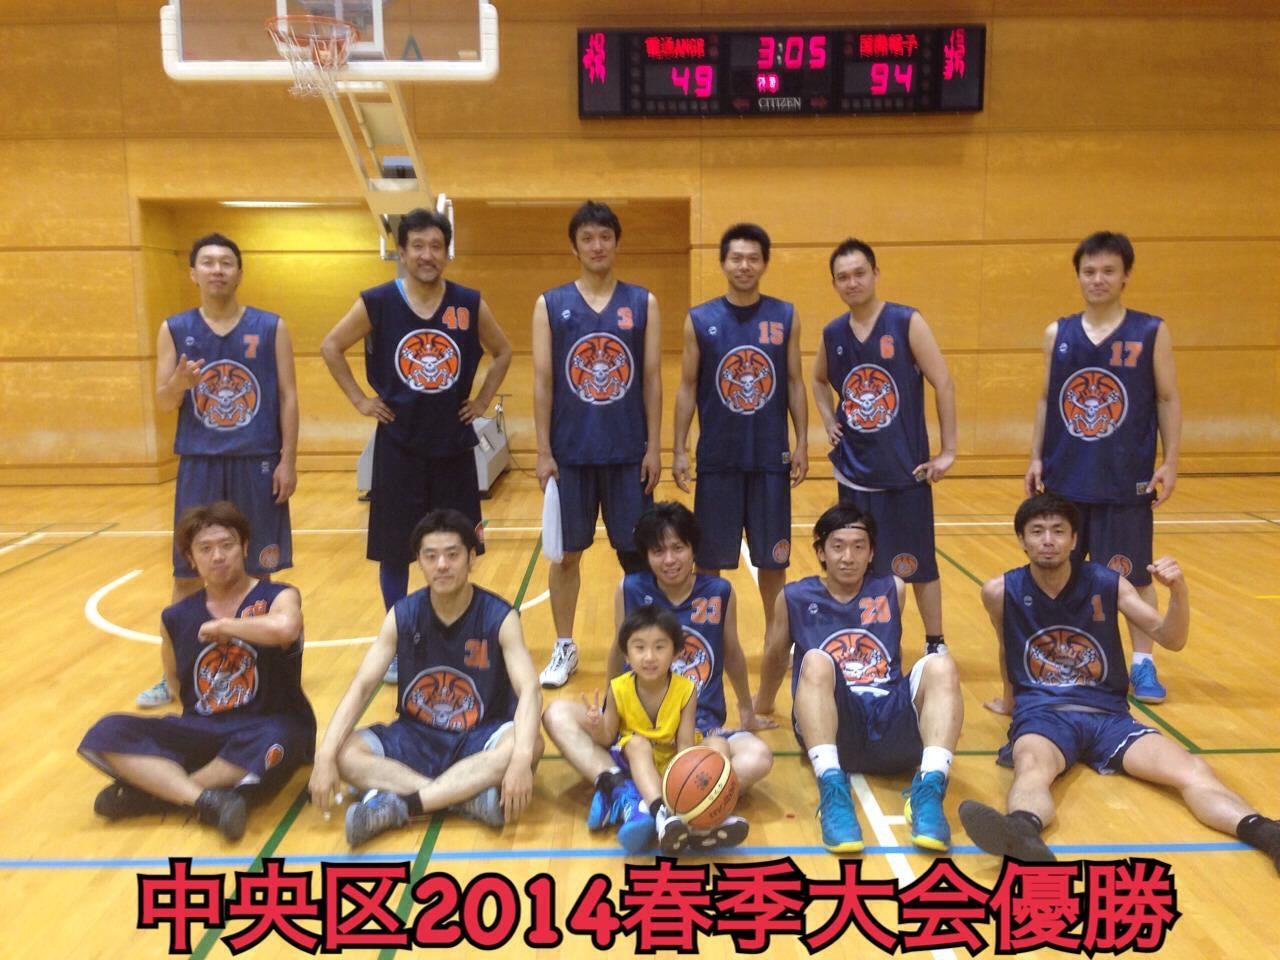 勉族/中央区2014春季大会優勝